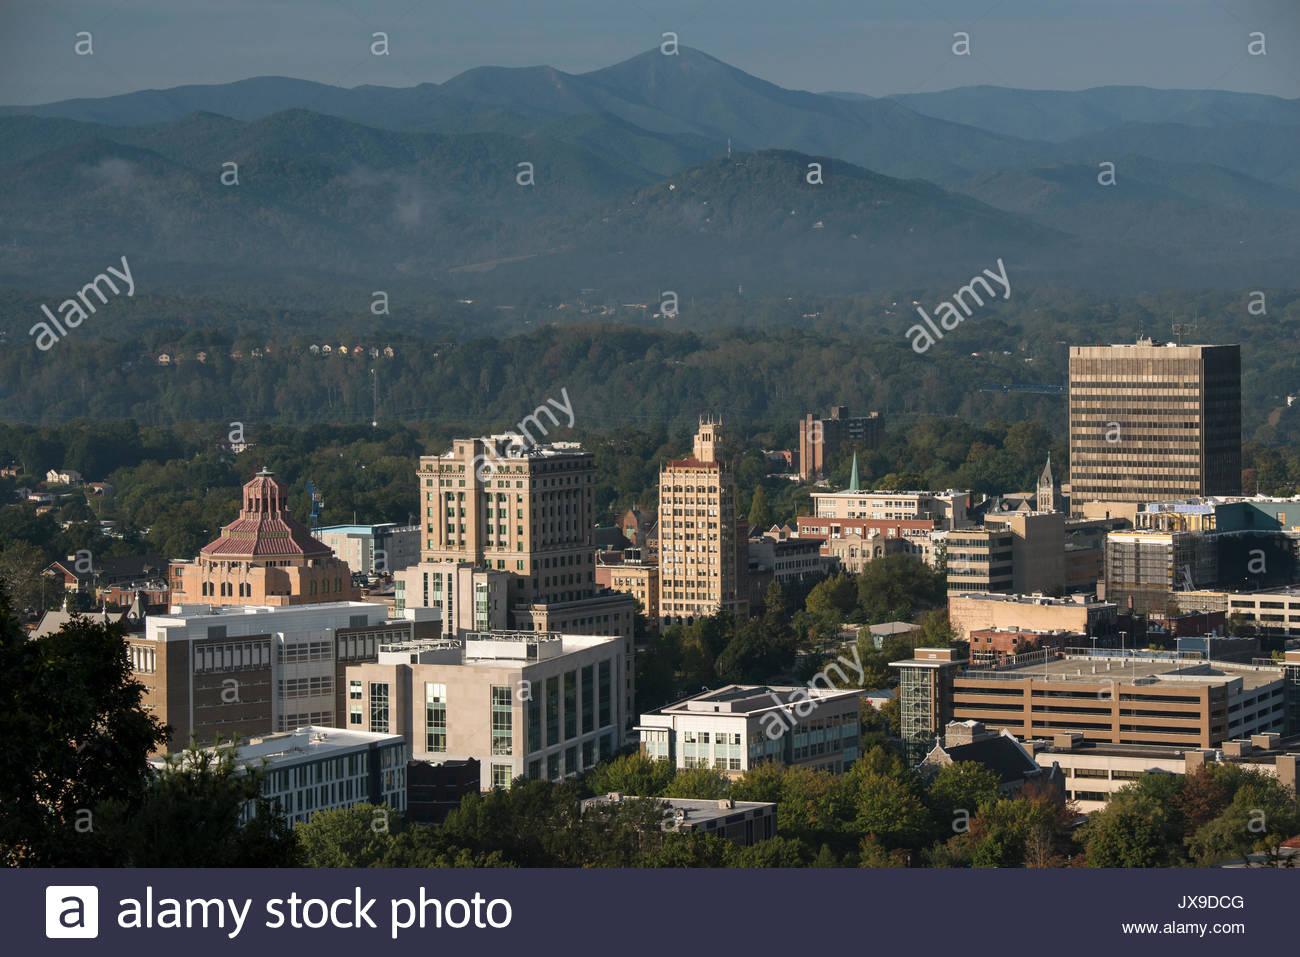 Das Stadtbild der Innenstadt von Asheville, North Carolina. Stockbild